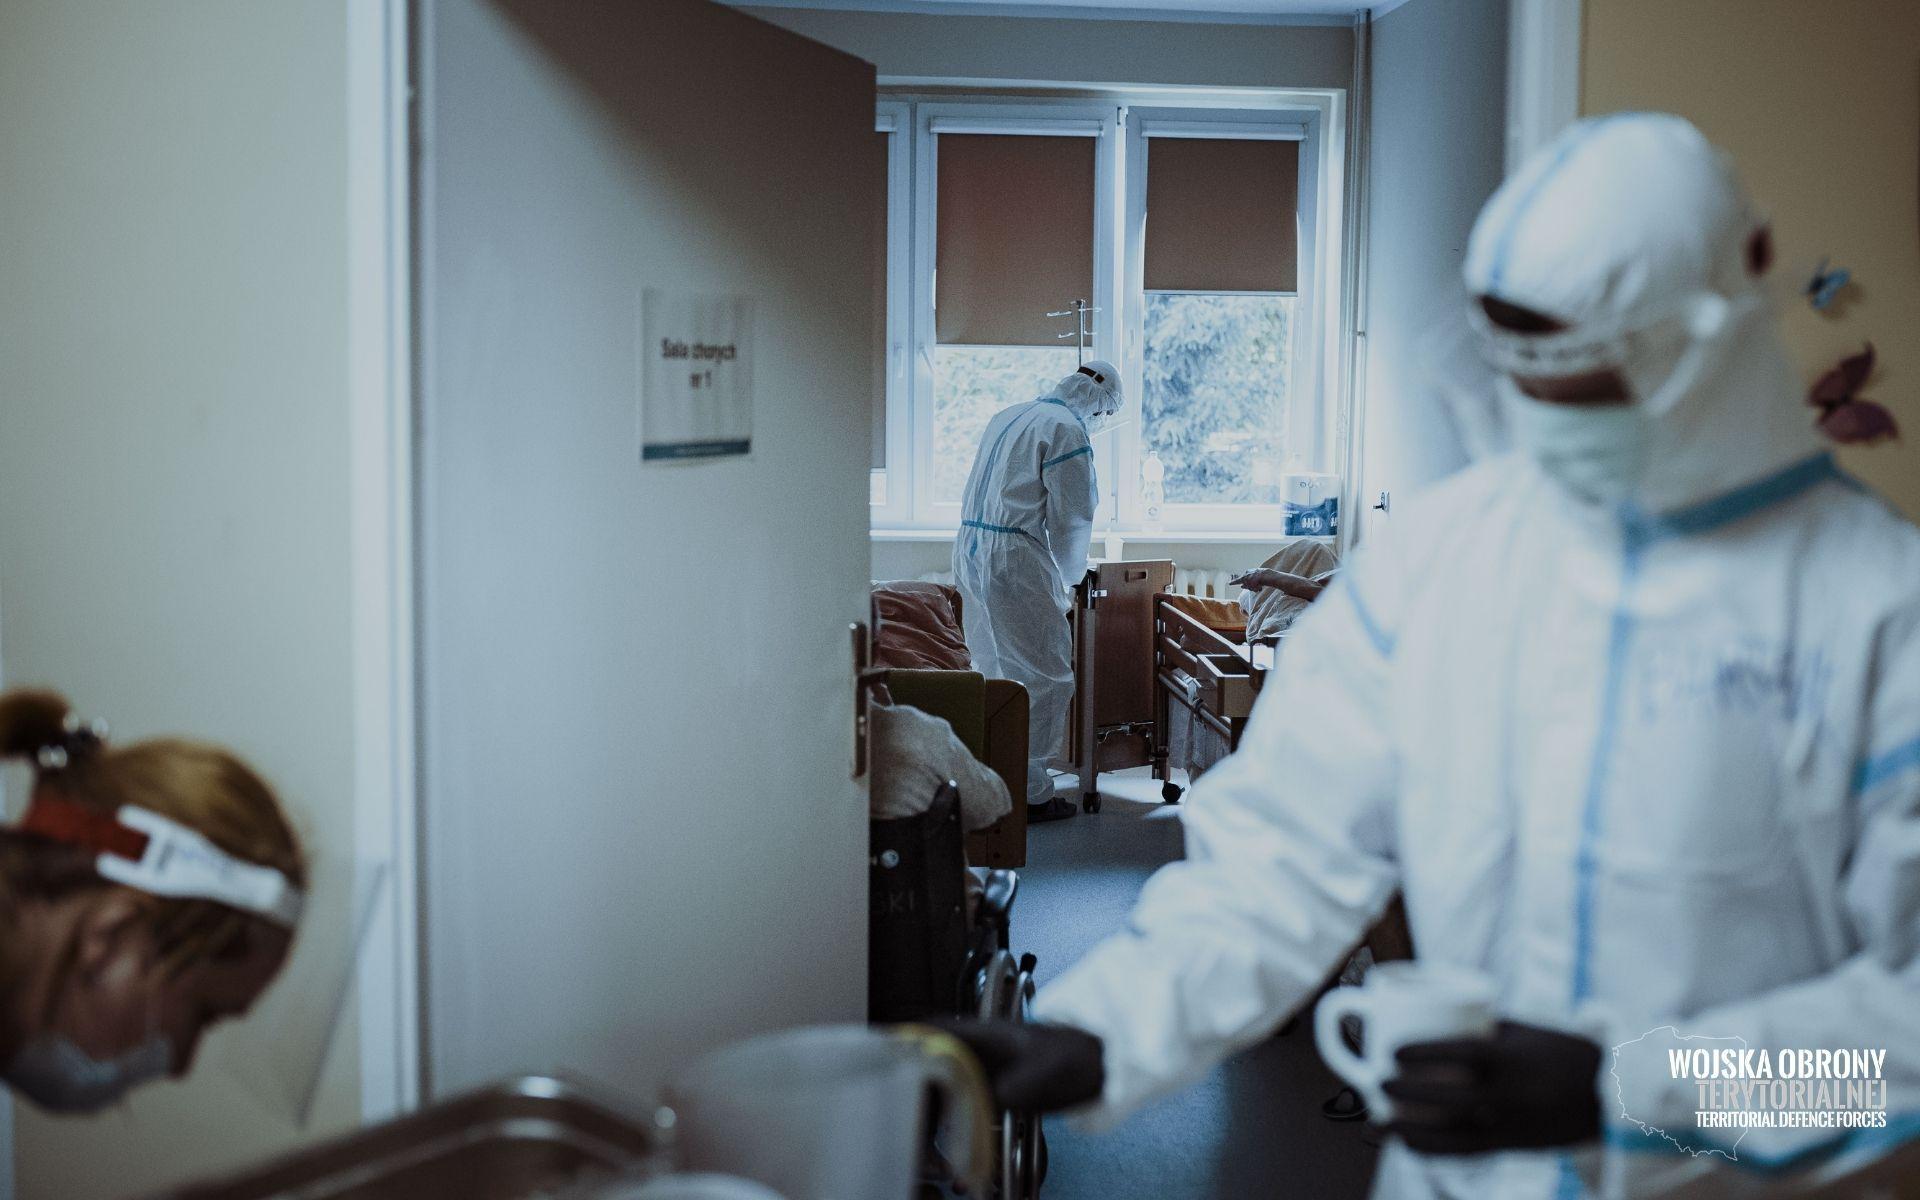 wot szpitale 1 Terytorialsi wspierają coraz więcej szpitali. Przejmują cześć obowiązków personelu medycznego